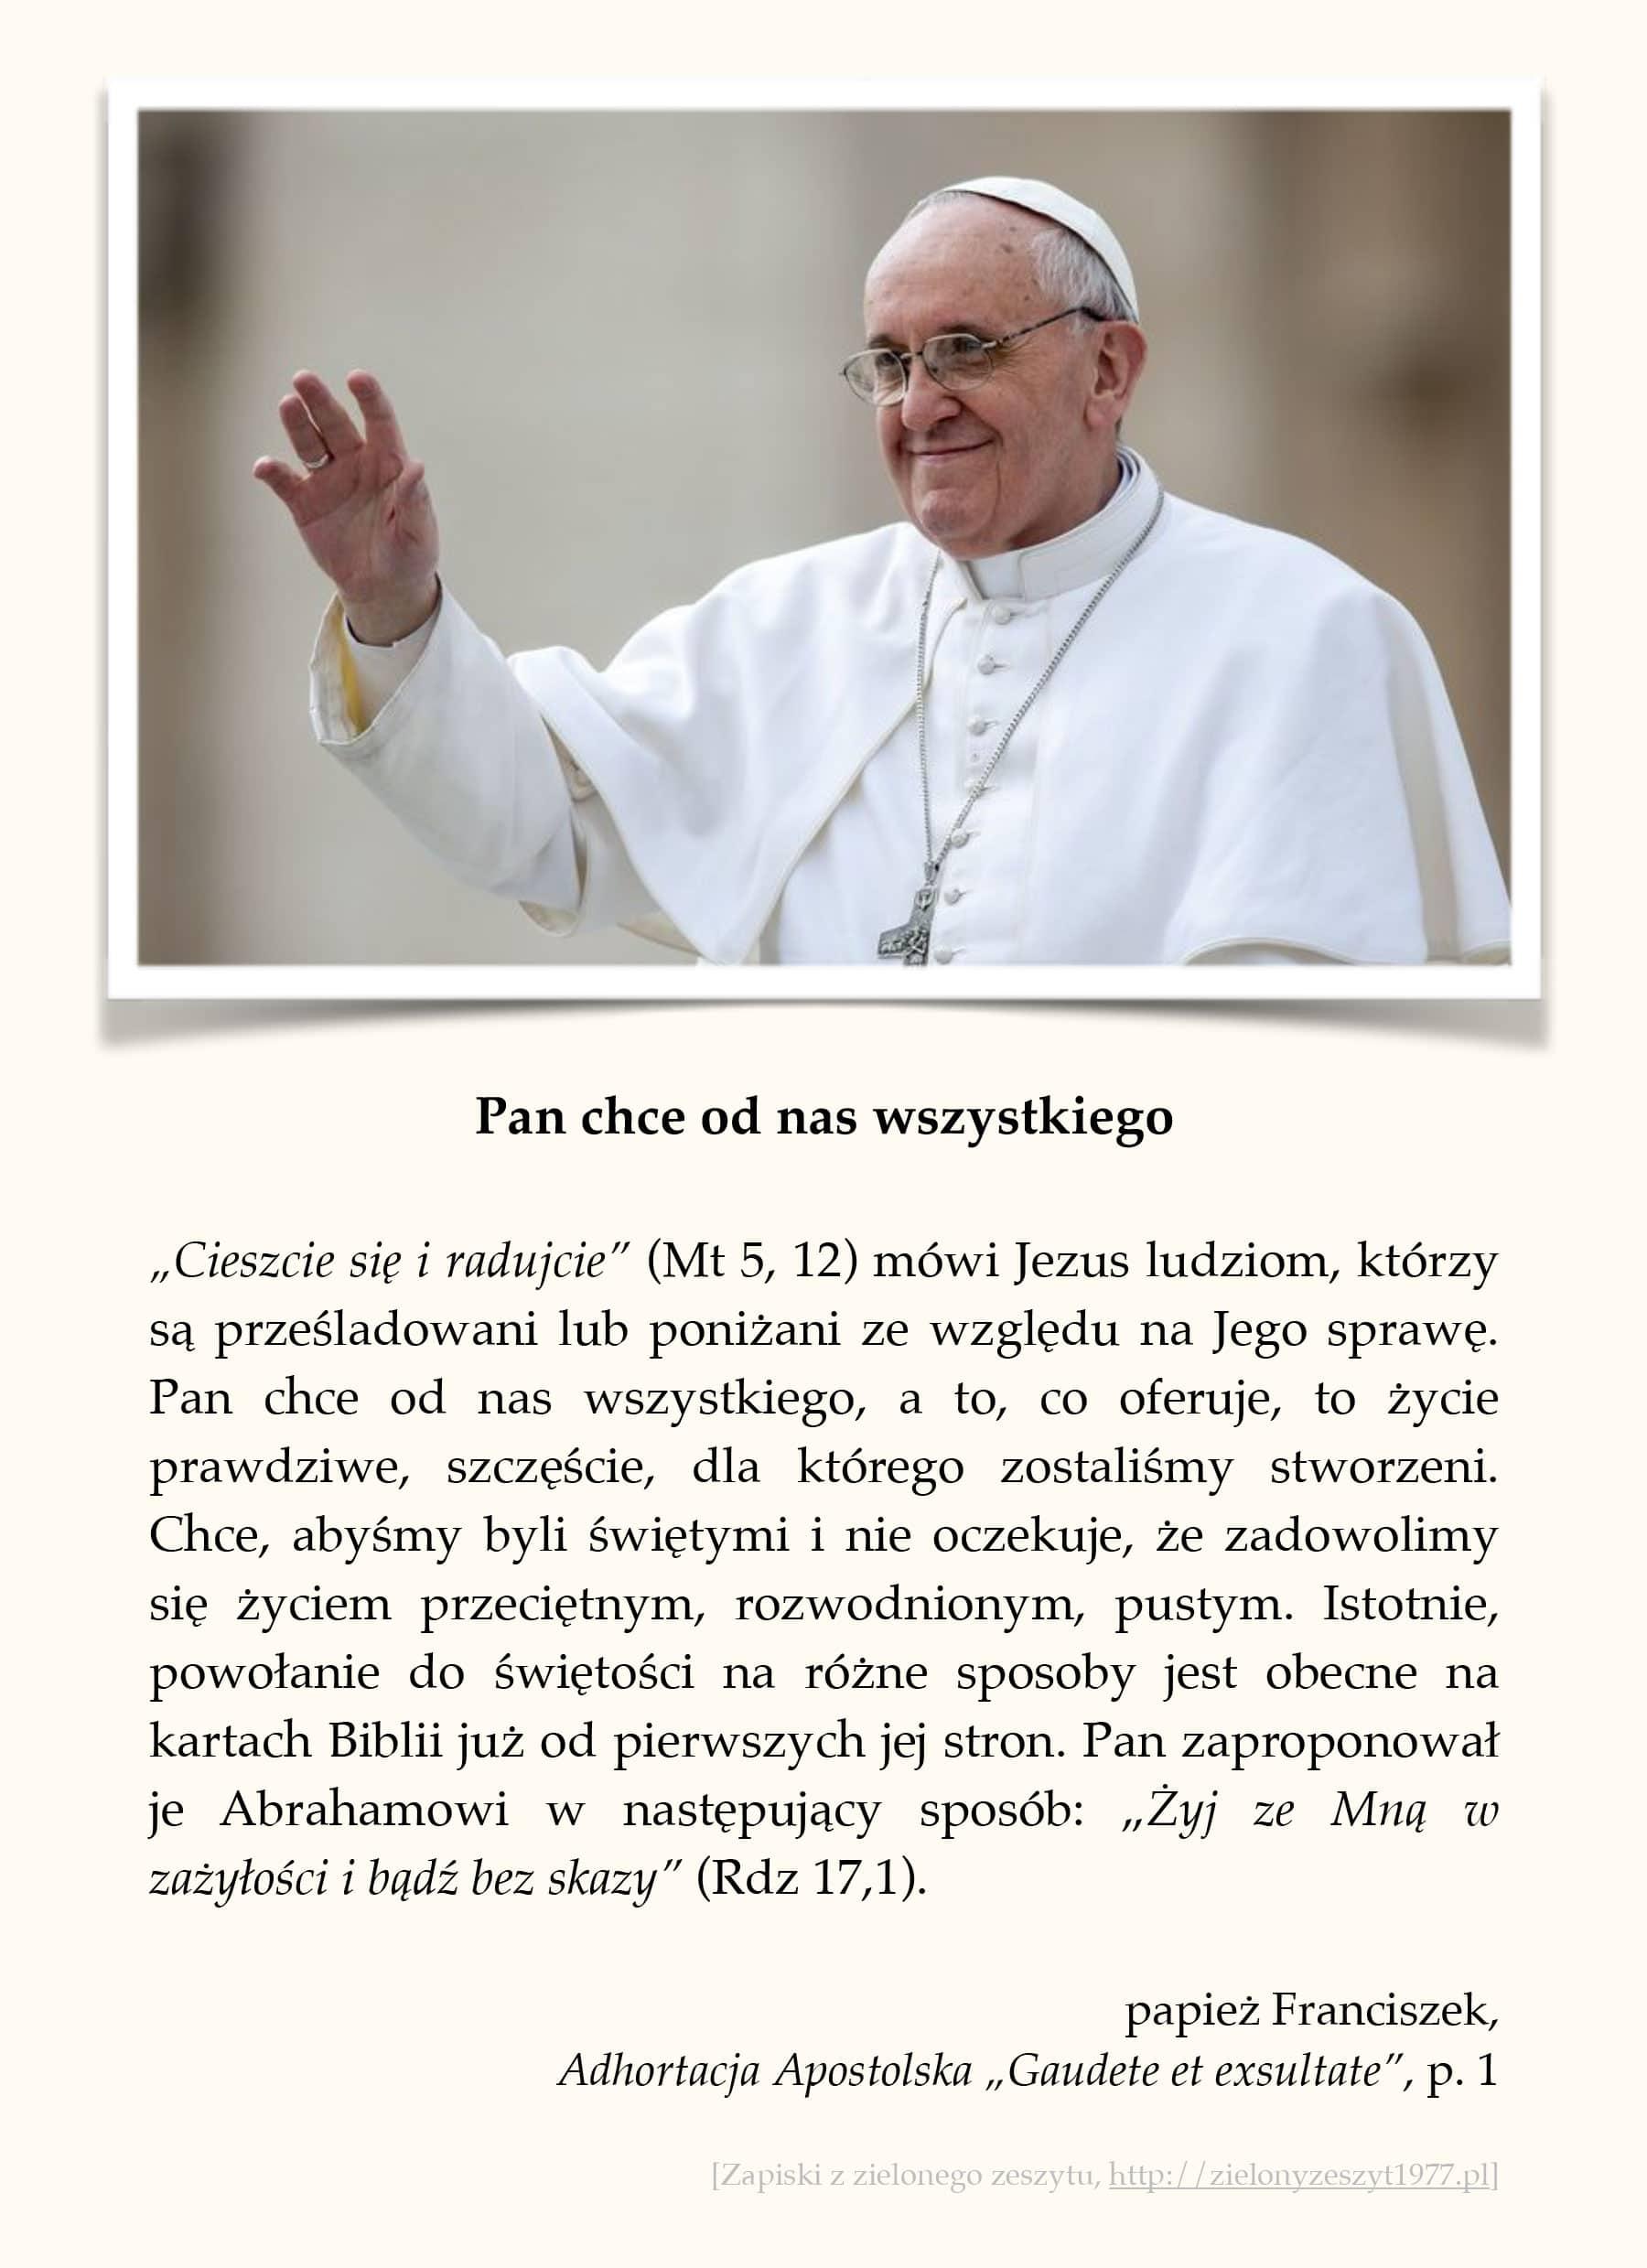 """papież Franciszek, Adhortacja Apostolska """"Gaudete et exsultate"""", p. 1 (Pan chce od nas wszystkiego)"""